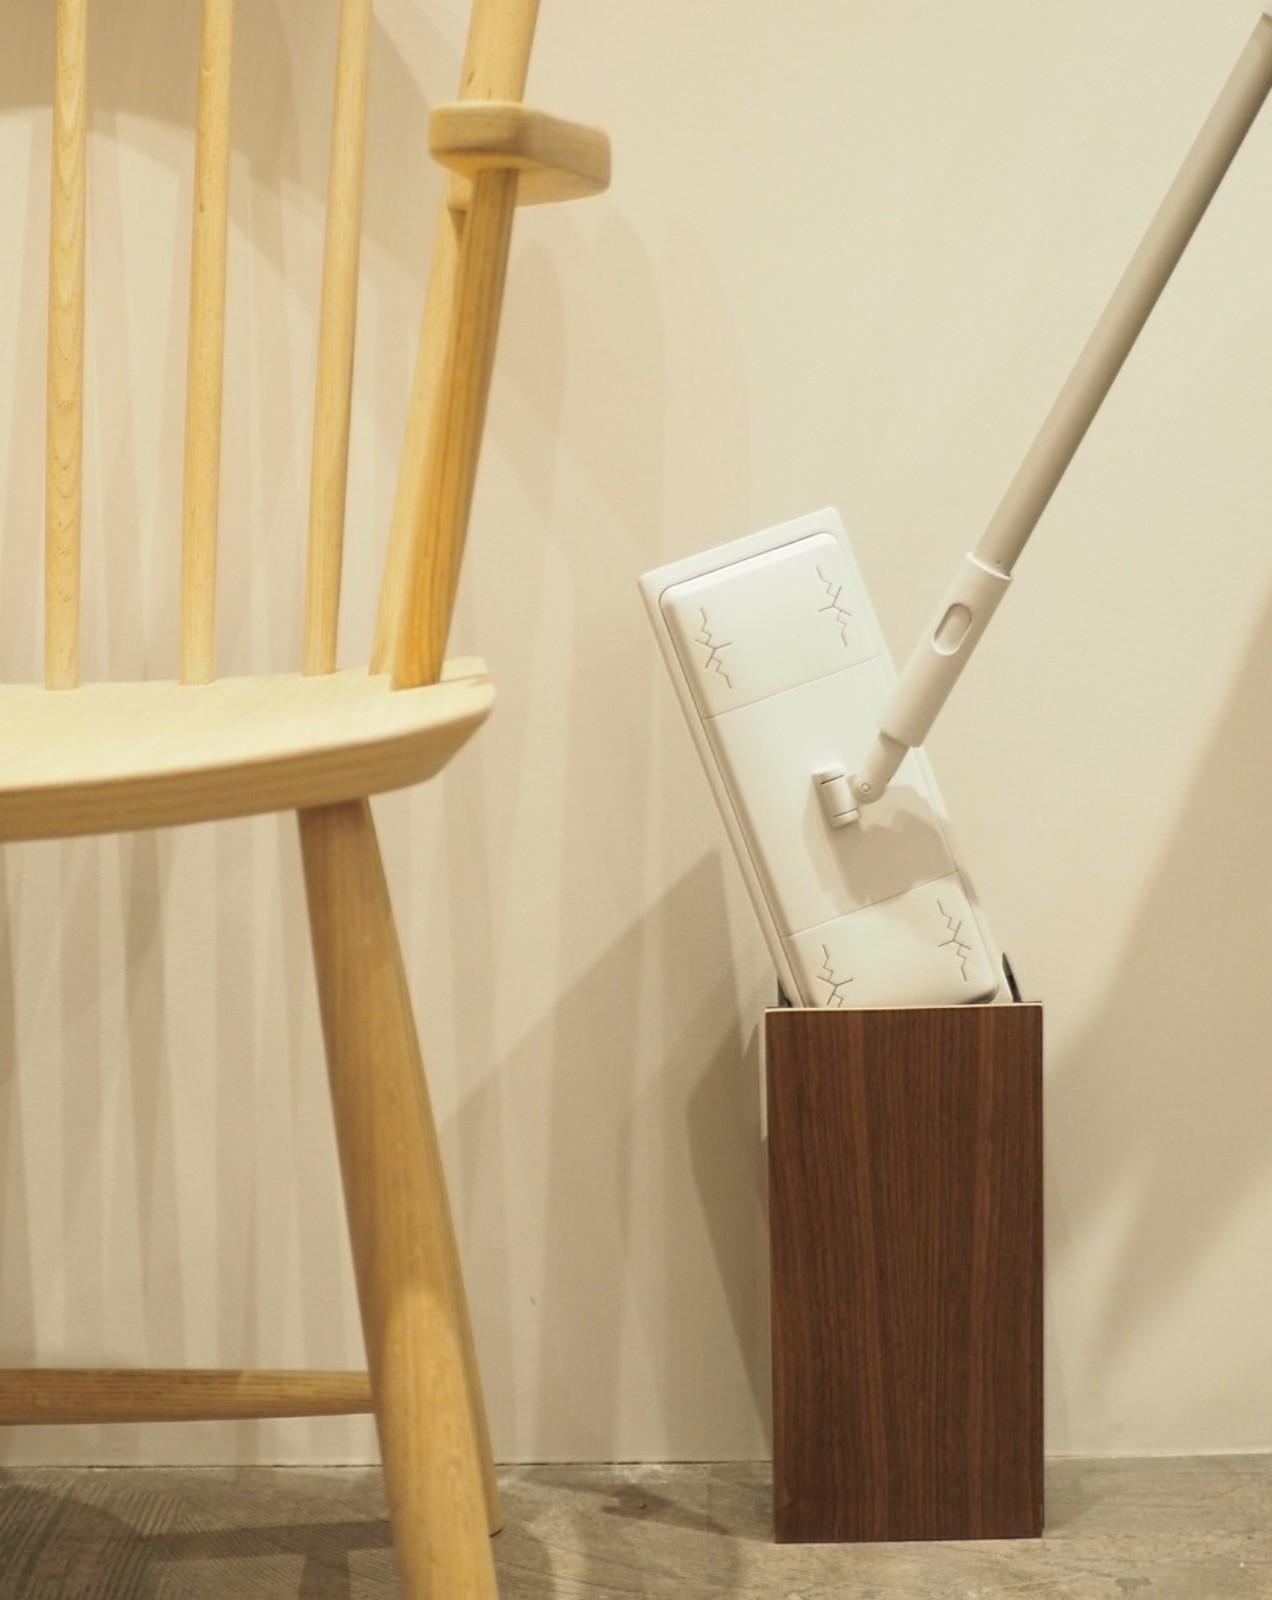 本体サイズ:幅13cmX奥行き10.5cmX高さ26cm すっきりと洗練された印象で、他の家具との相性も良いですね。